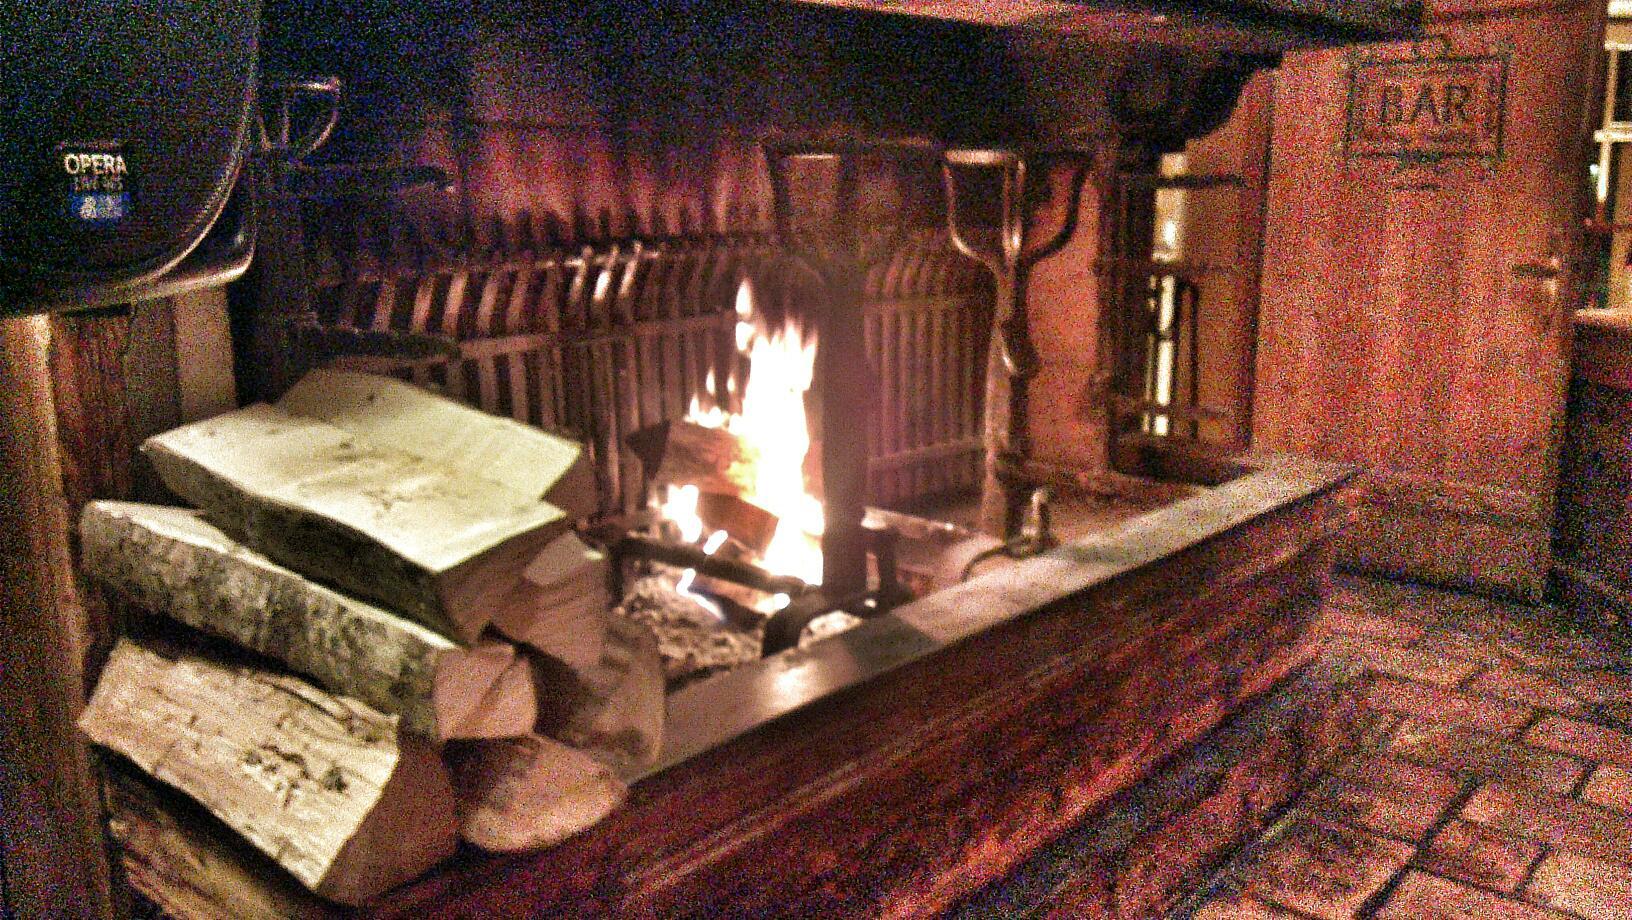 晚上烧壁炉取暖